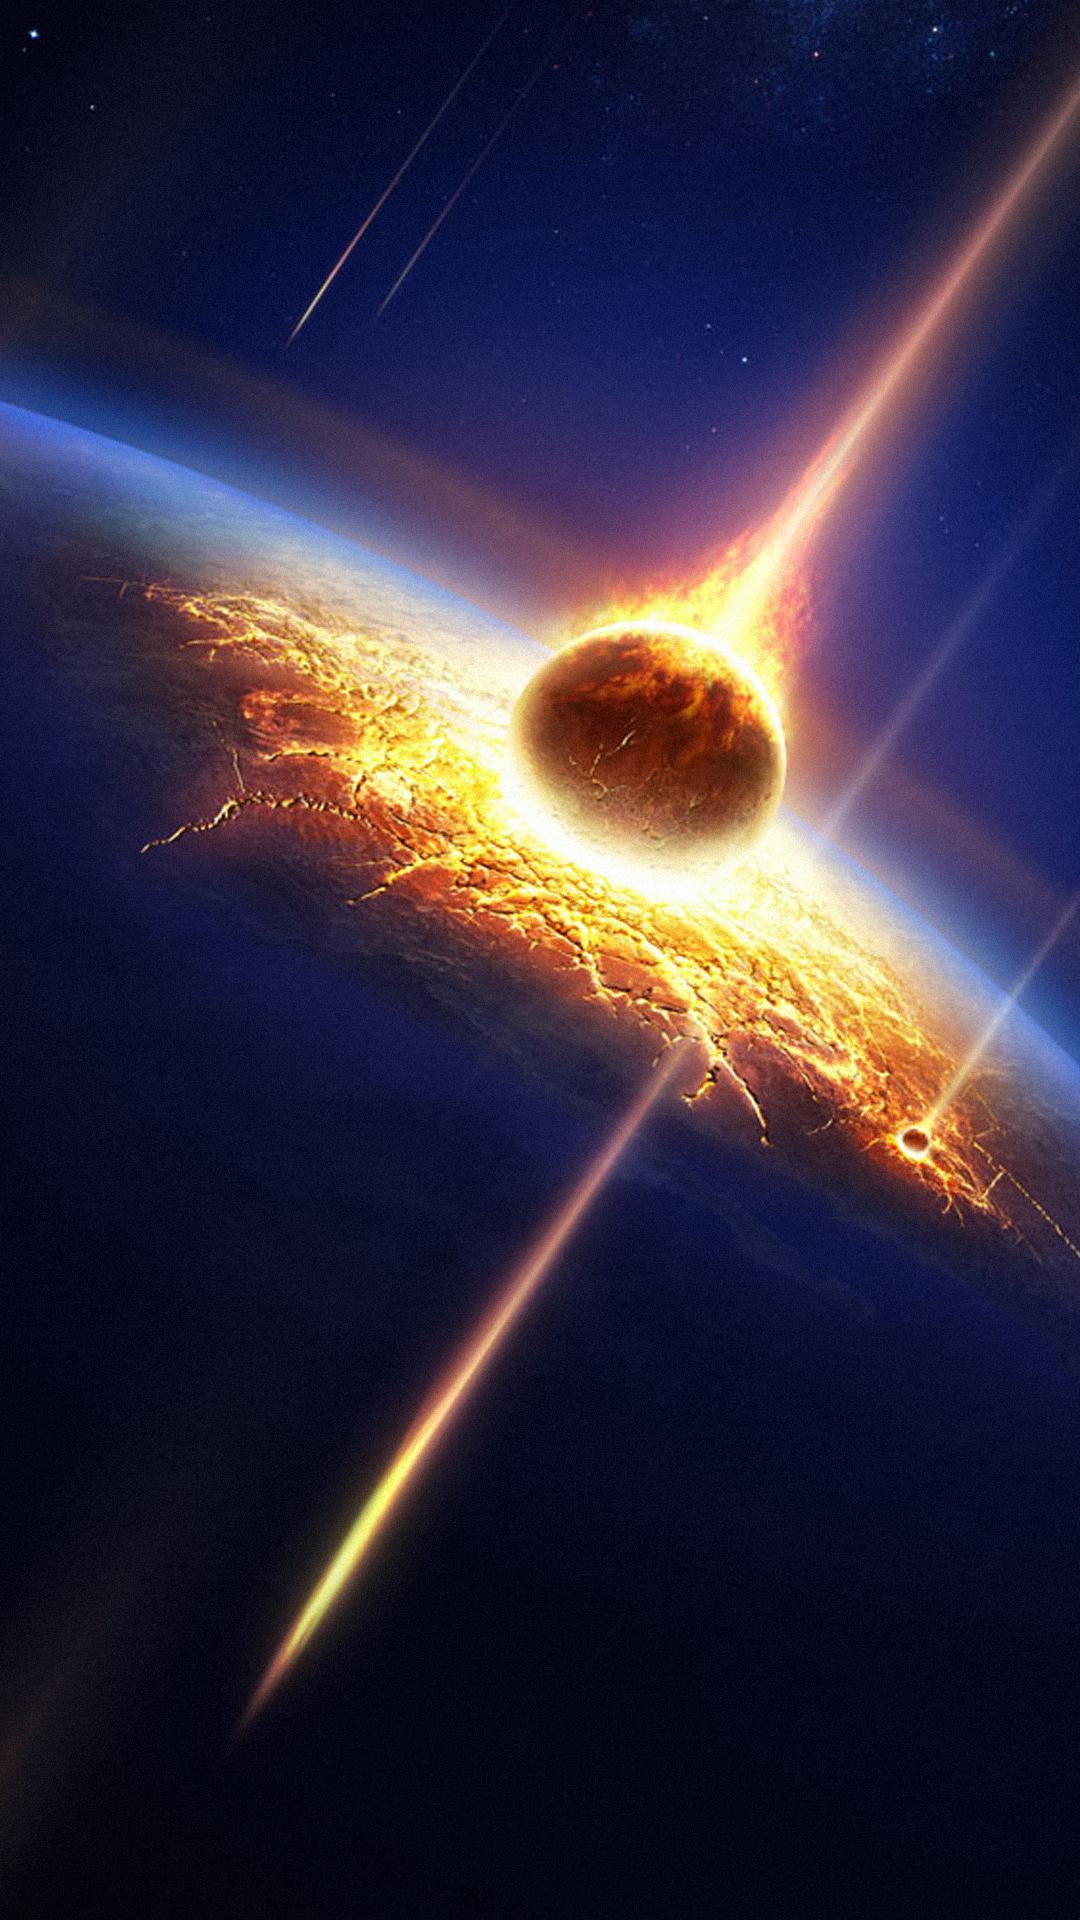 H5 meteorito cometa background H5 Background Cometa AeroLite Imagen ...